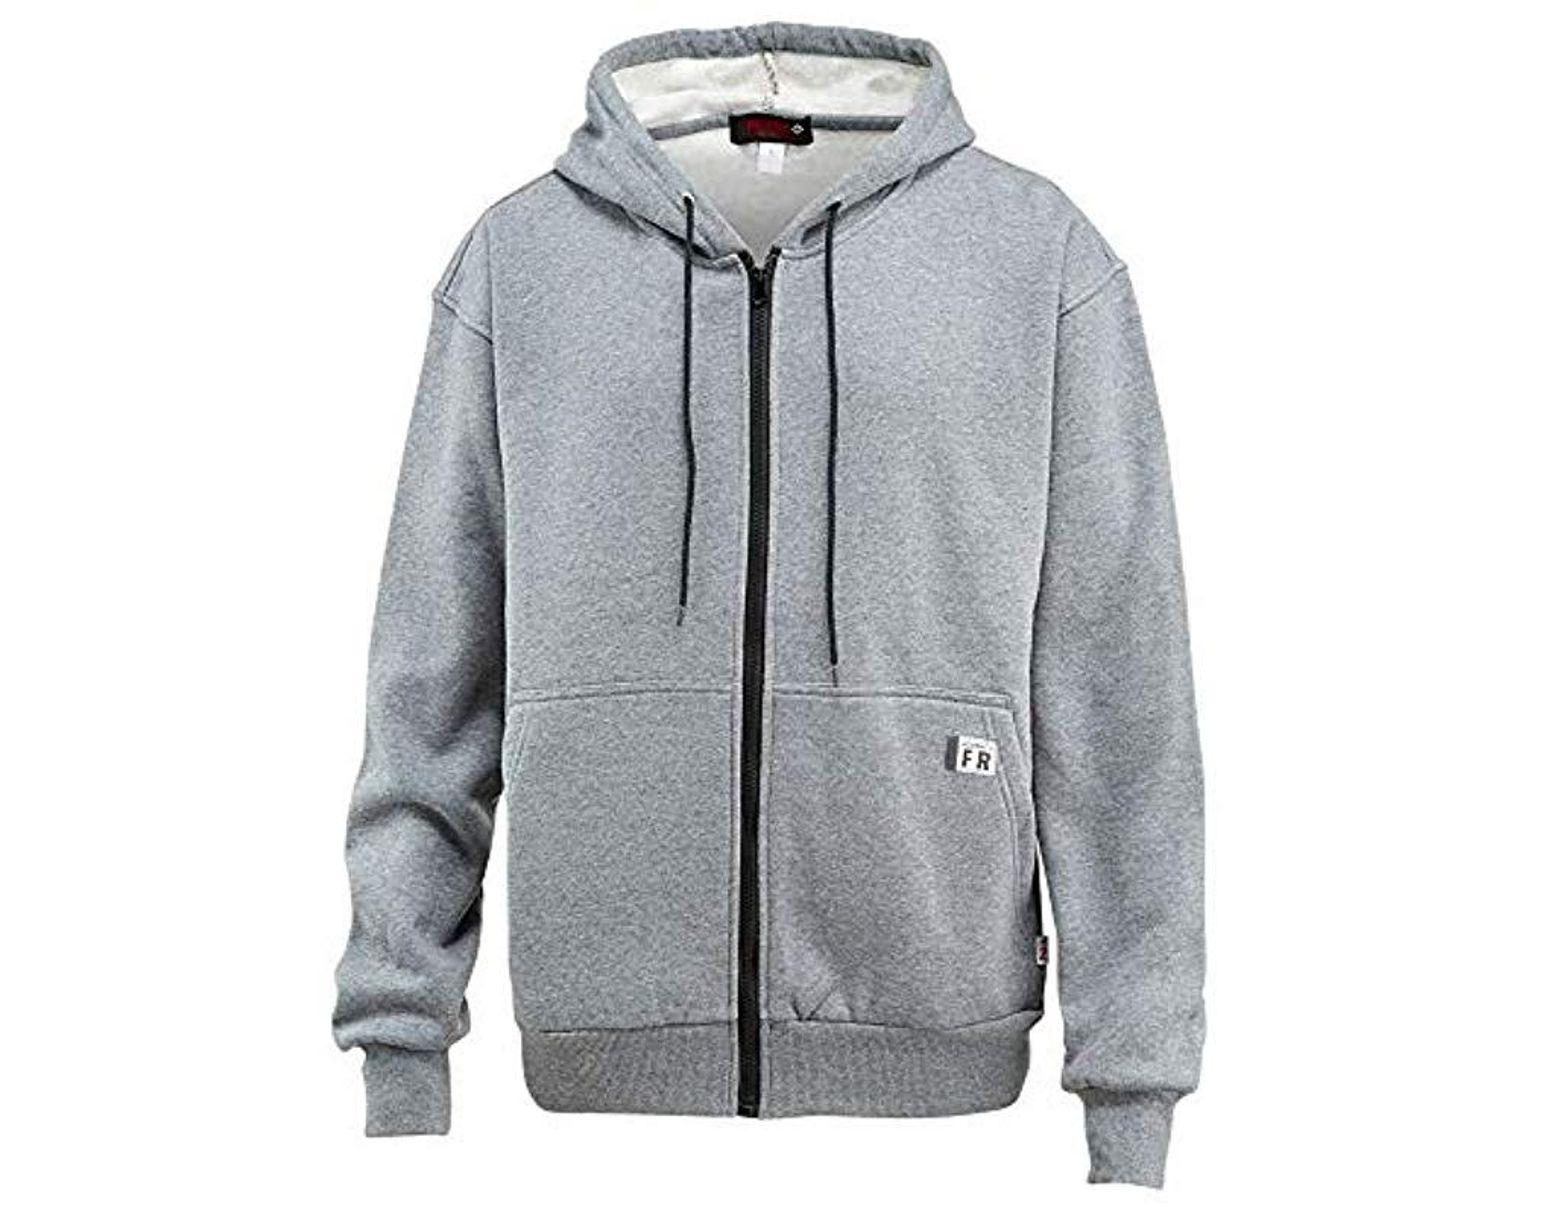 c8d3382793e Men's Gray Flame Resistant Fleece Zip Front Hooded Sweatshirt